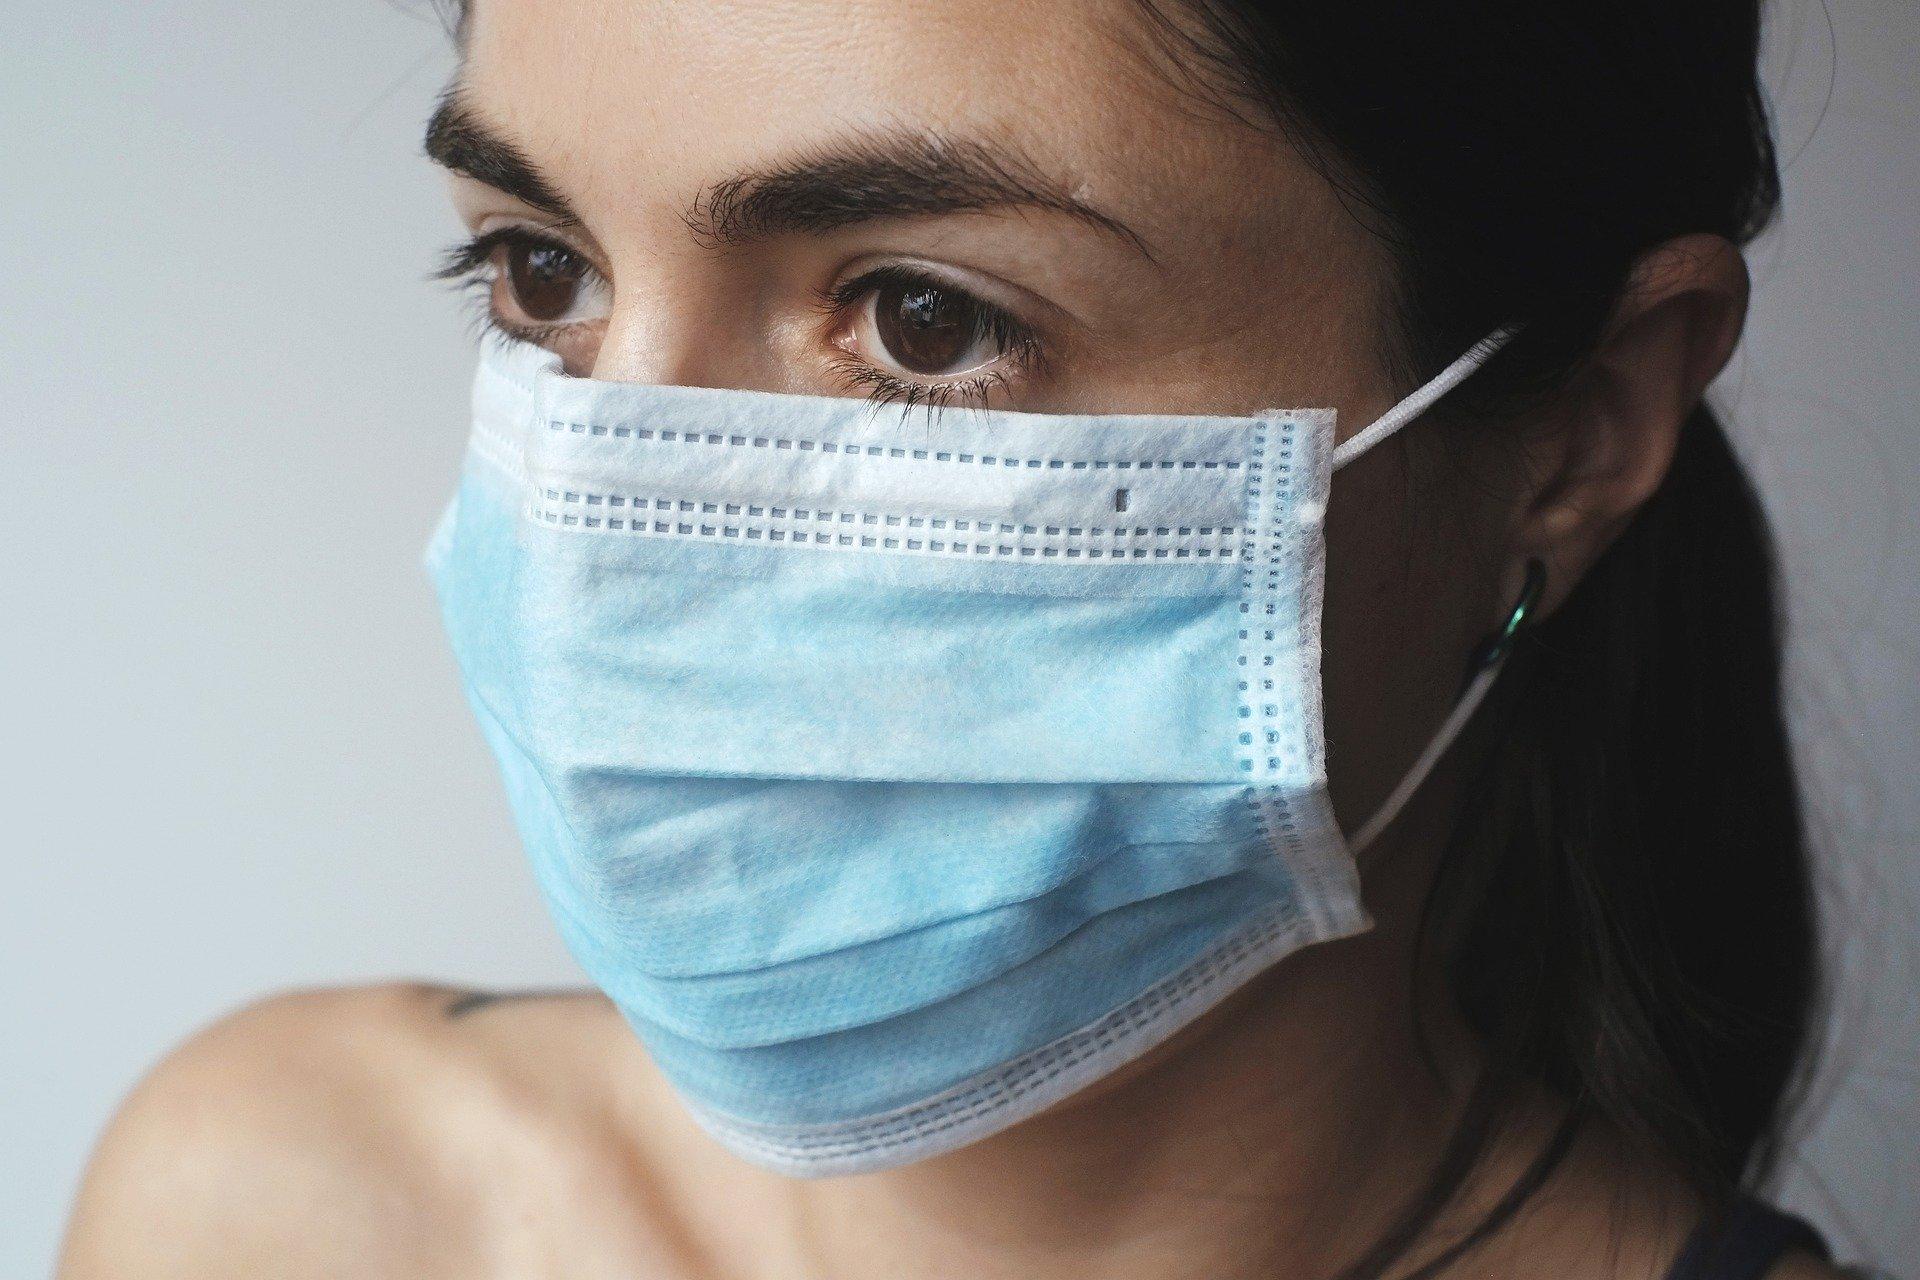 Comment réussir sa prépa malgré le coronavirus